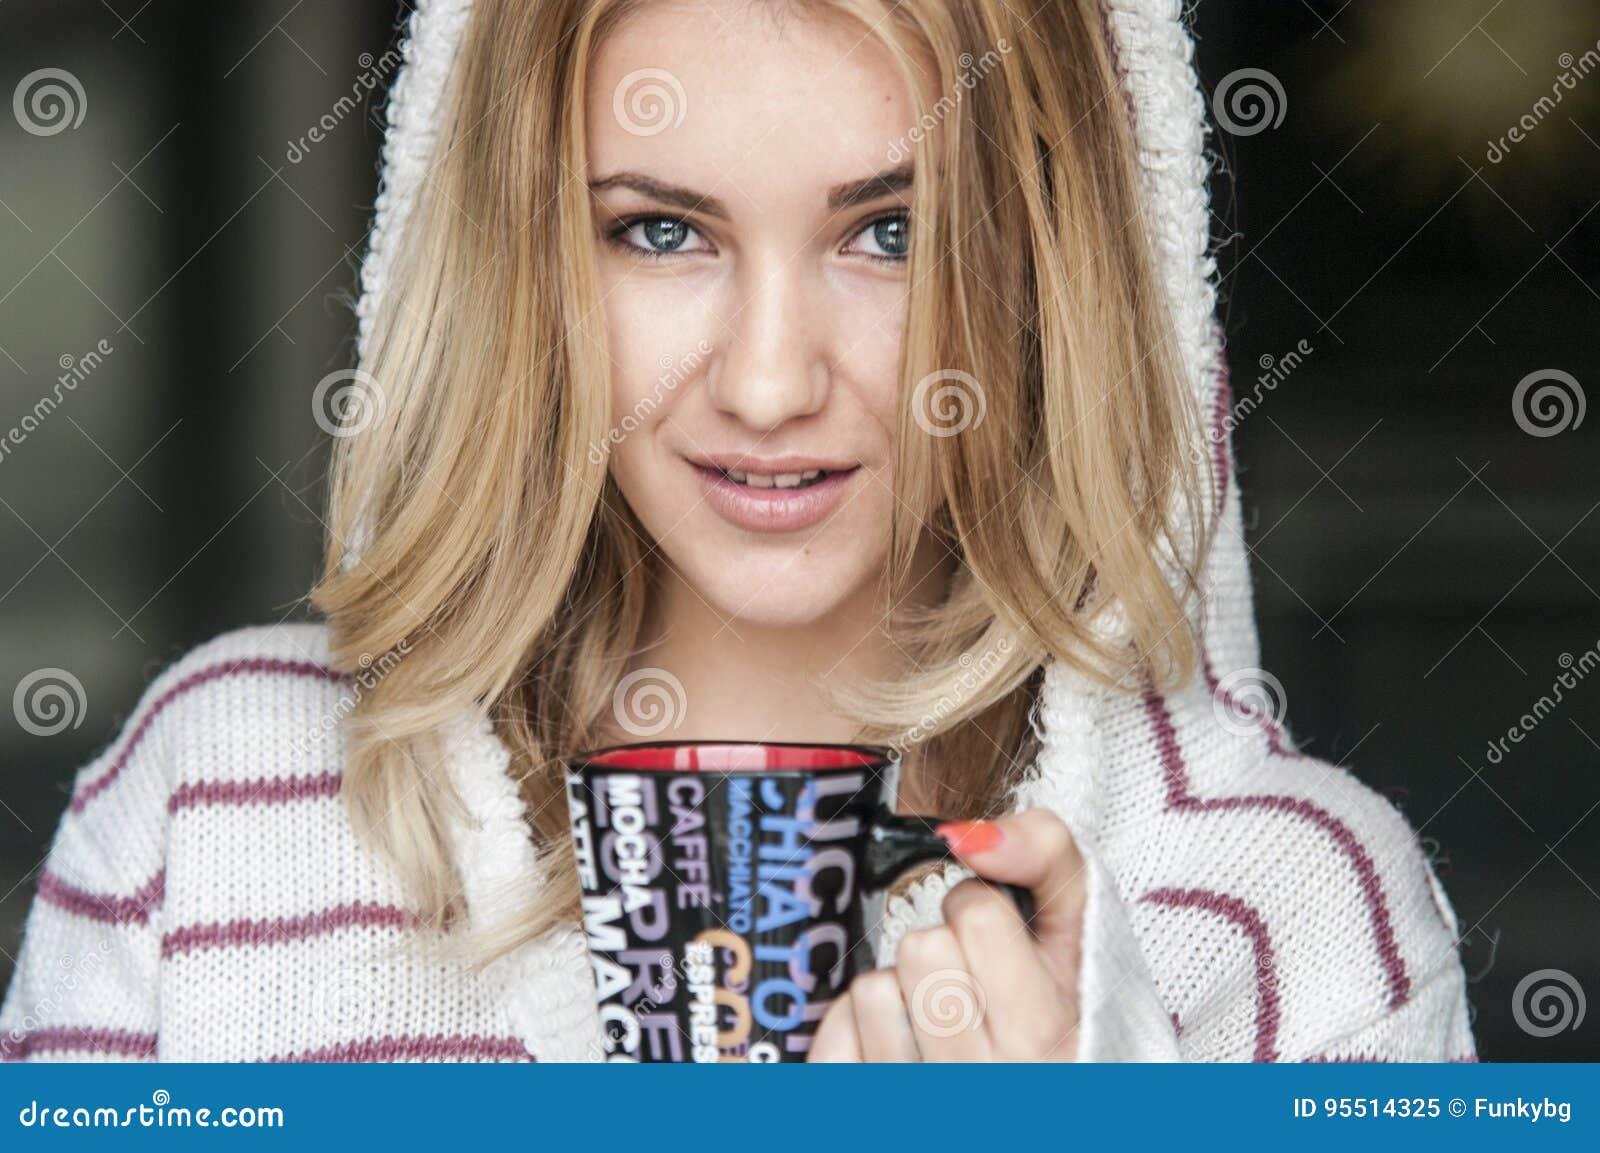 hete tiener vrij tieners xxx Videos com